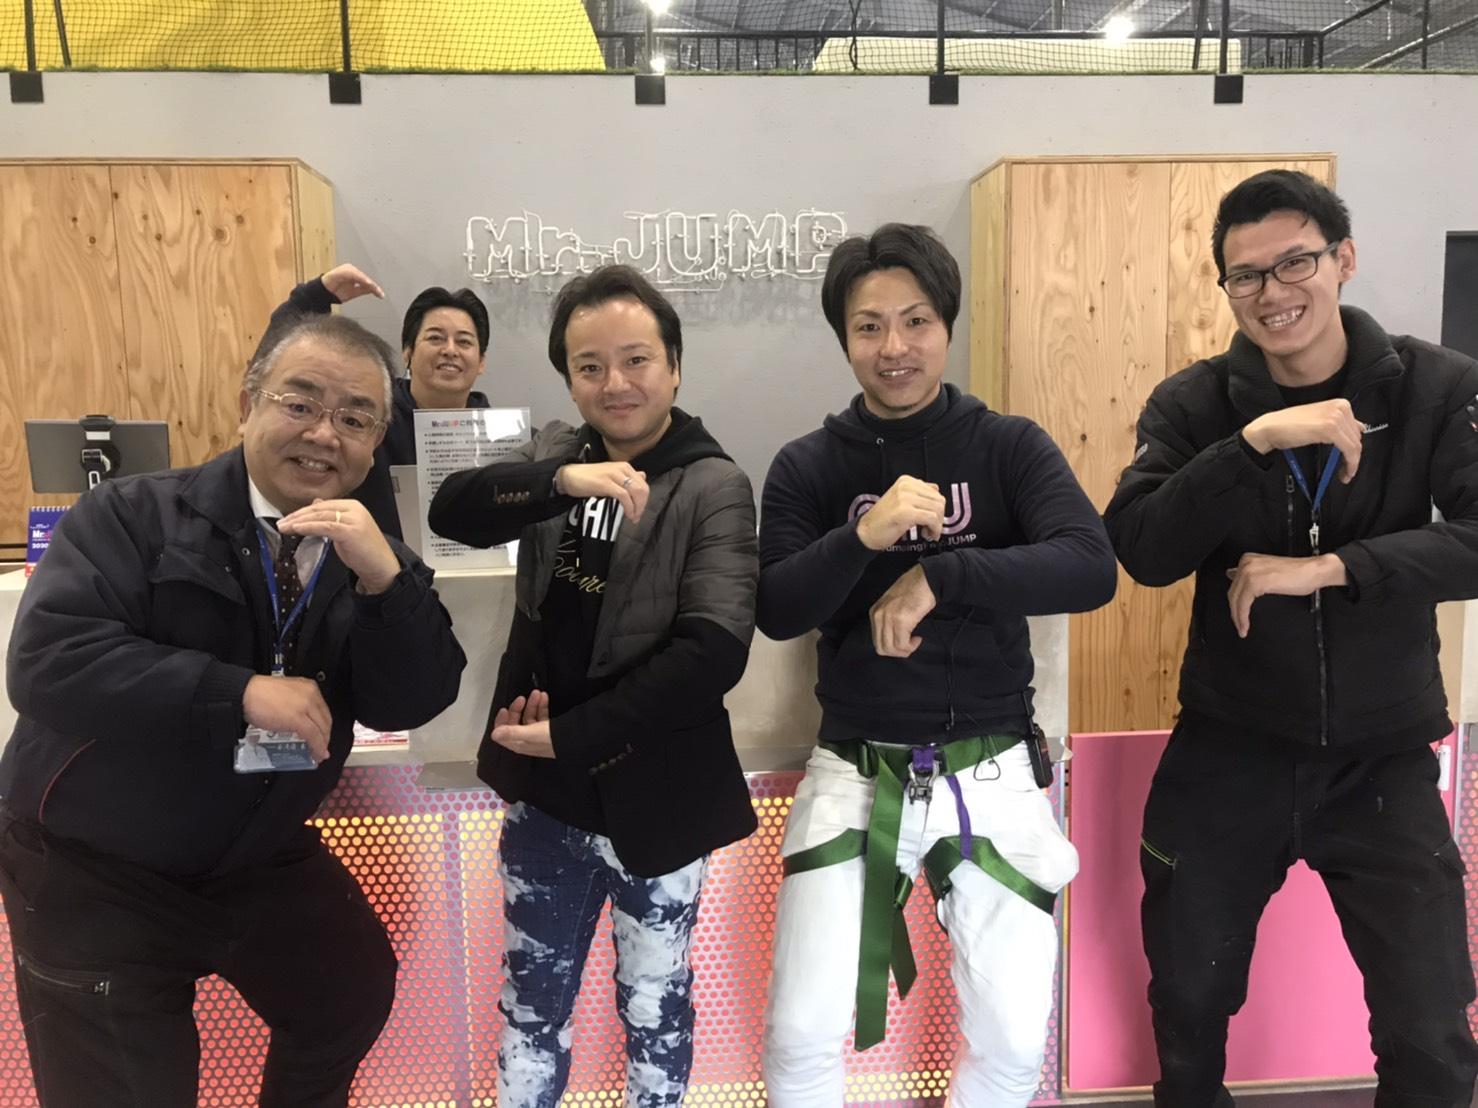 トランポリンパークのMr.JUMP様の新しい店舗を神奈川県相模原市にてオープンすることになり、 シンライズにその新店舗になる大きな倉庫の塗装の依頼を頂きました!! なんと暑さ対策のために内側も外側もガイナで塗装しております!!